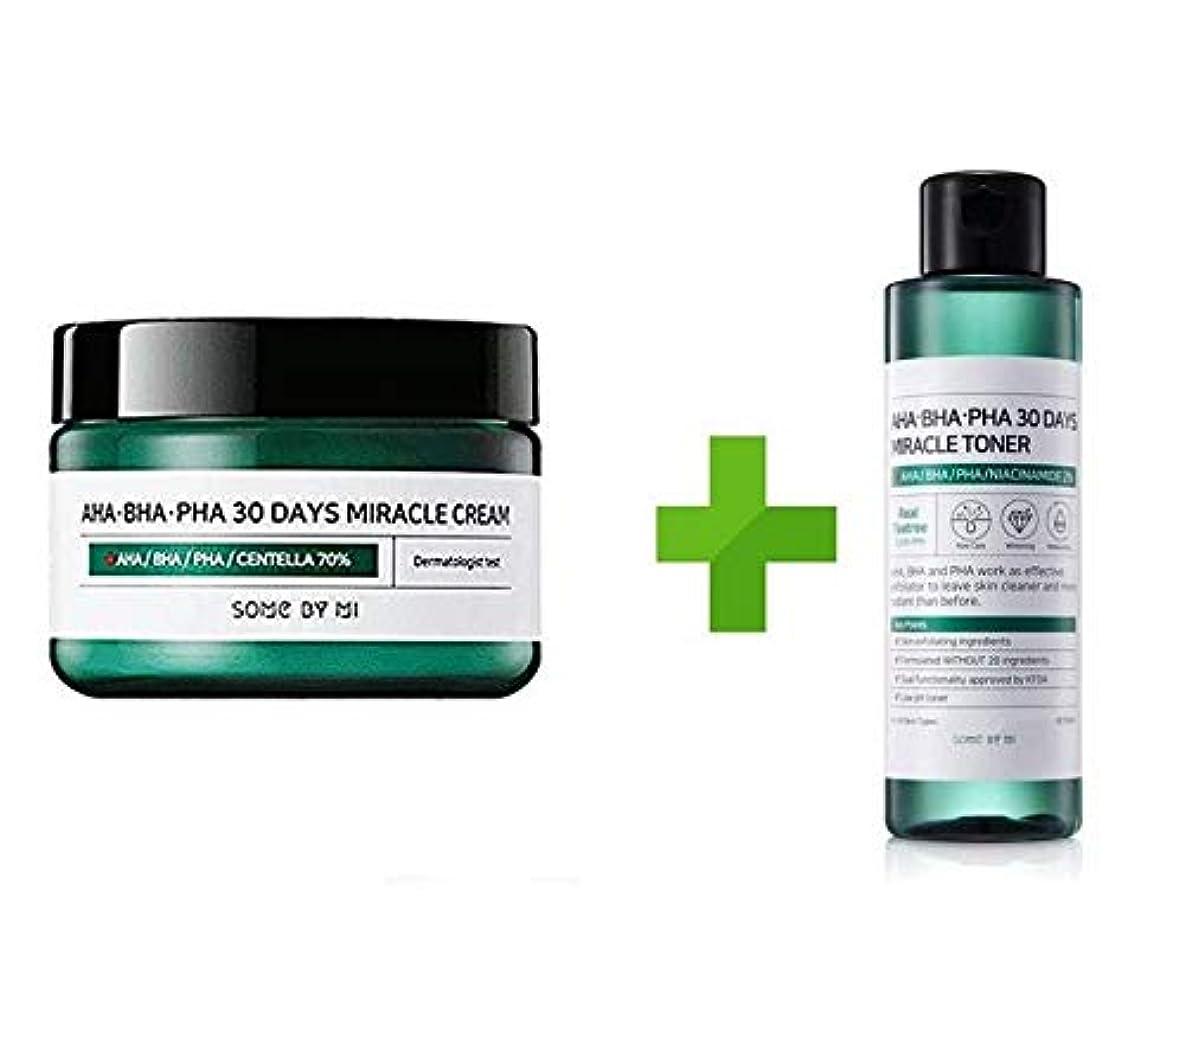 火山学者独裁者制約Somebymi AHA BHA PHA Miracle Cream (50ml + Toner 150ml)Skin Barrier & Recovery, Soothing with Tea Tree 10,000ppm...